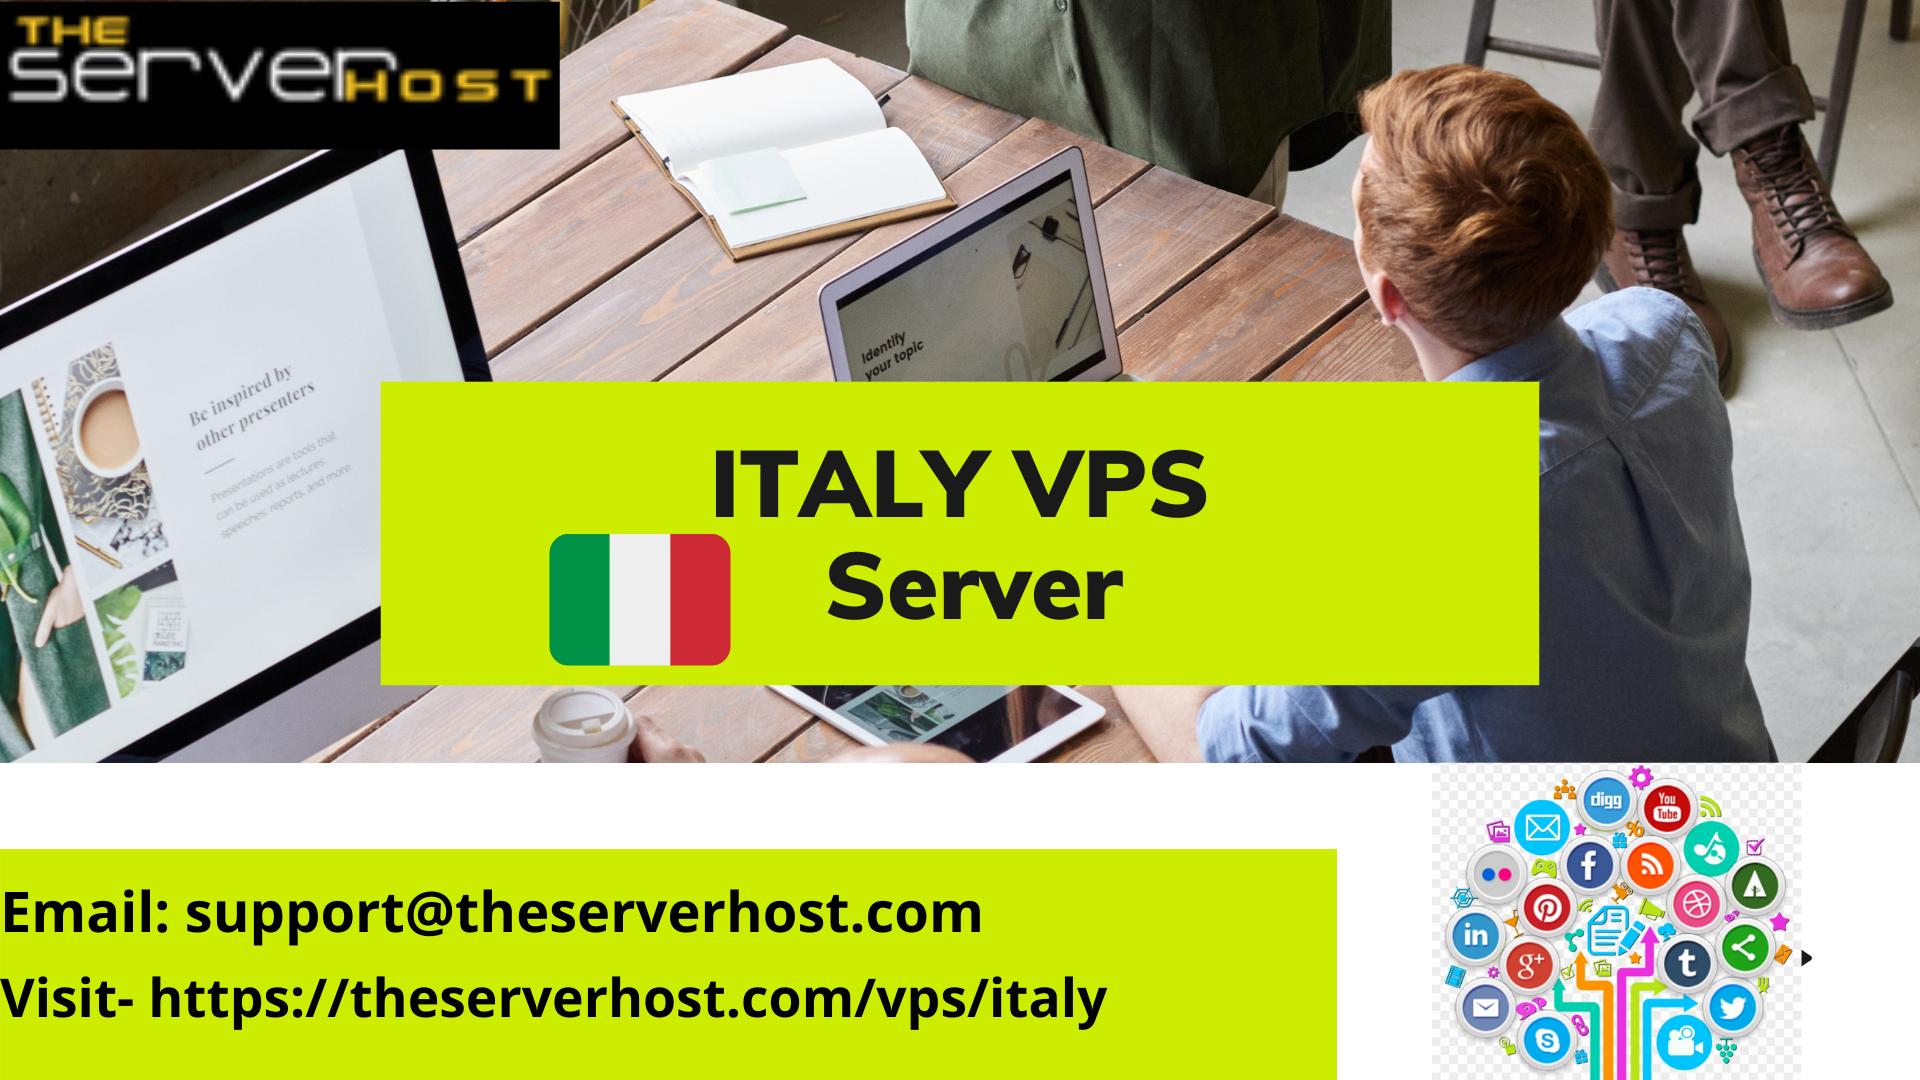 Italy VPS Server Hosting Provider